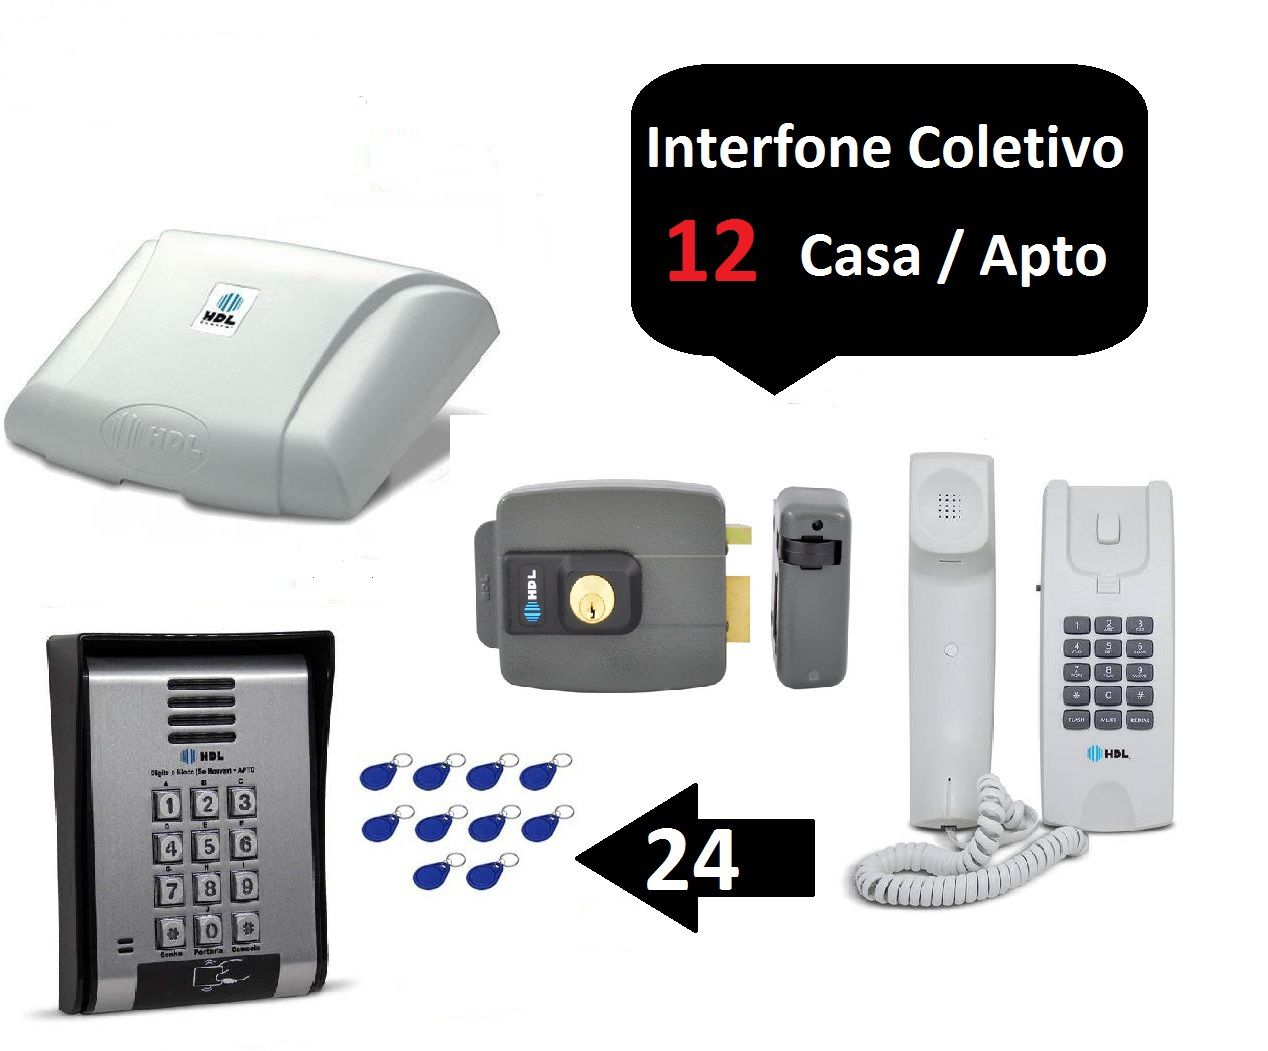 Porteiro Coletivo 12 Ponto C/ Fechadura Controle De Acesso Hdl +24 TAGS